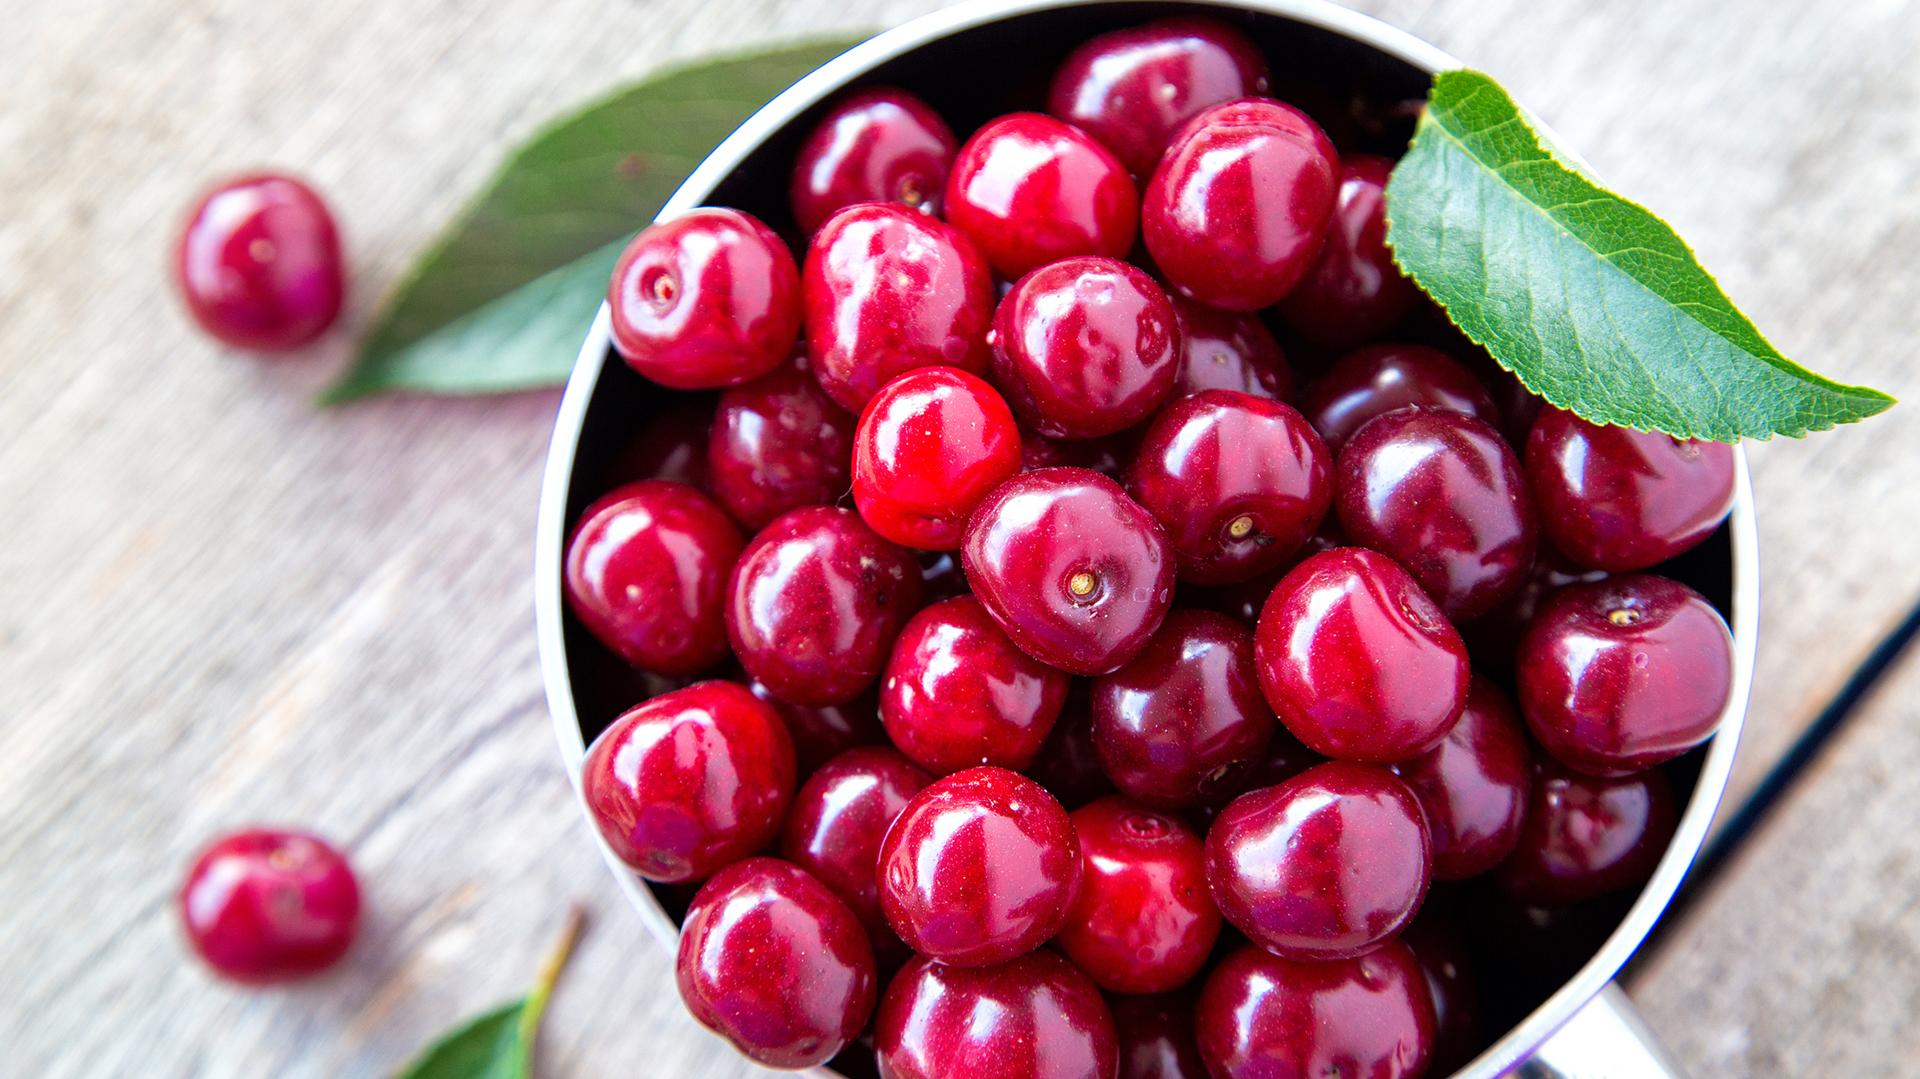 Serán 160 toneladas de cerezas frescas provenientes de las provincias de Chubut, Neuquén y Río Negro. (iStock)